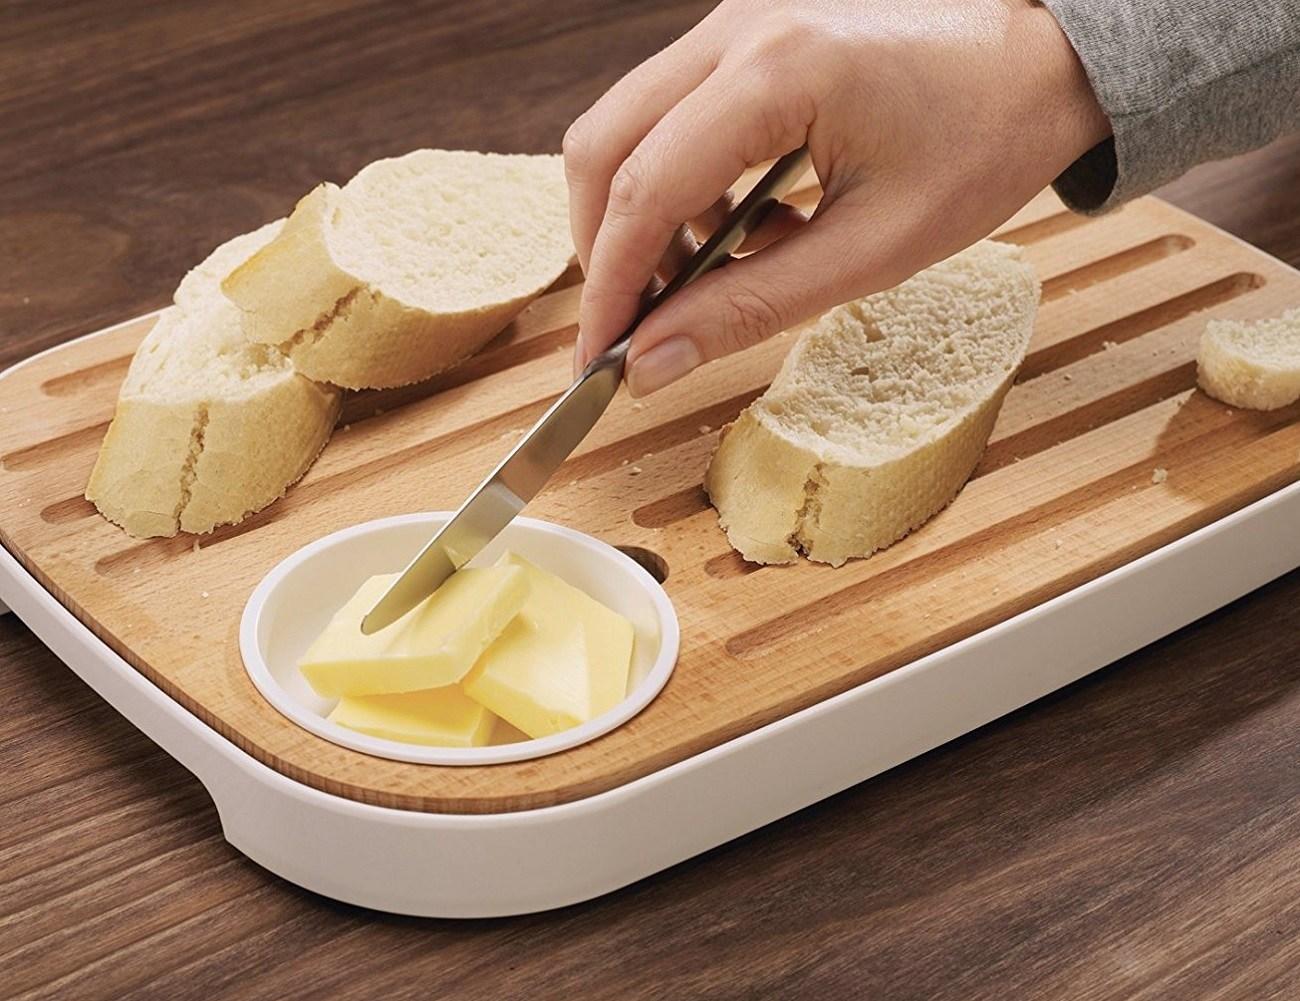 Slice & Serve Bread And Cheese Board By Joseph Joseph